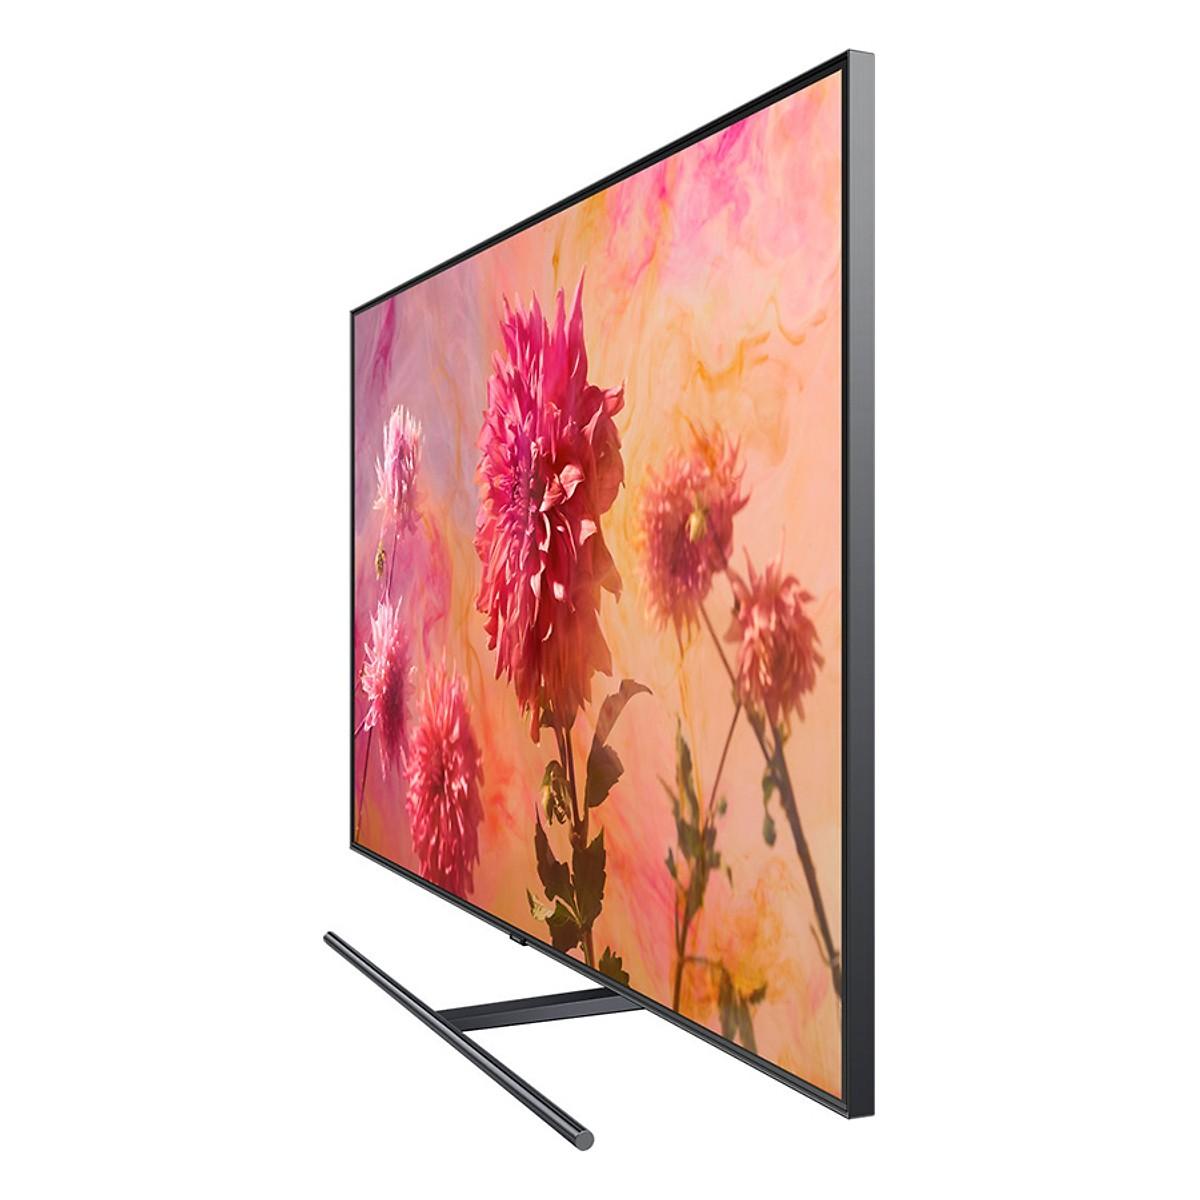 Smart Tivi Samsung 75 inch QLED 4K QA75Q9FNAKXXV - Hàng Chính Hãng + Tặng Khung Treo Cố Định